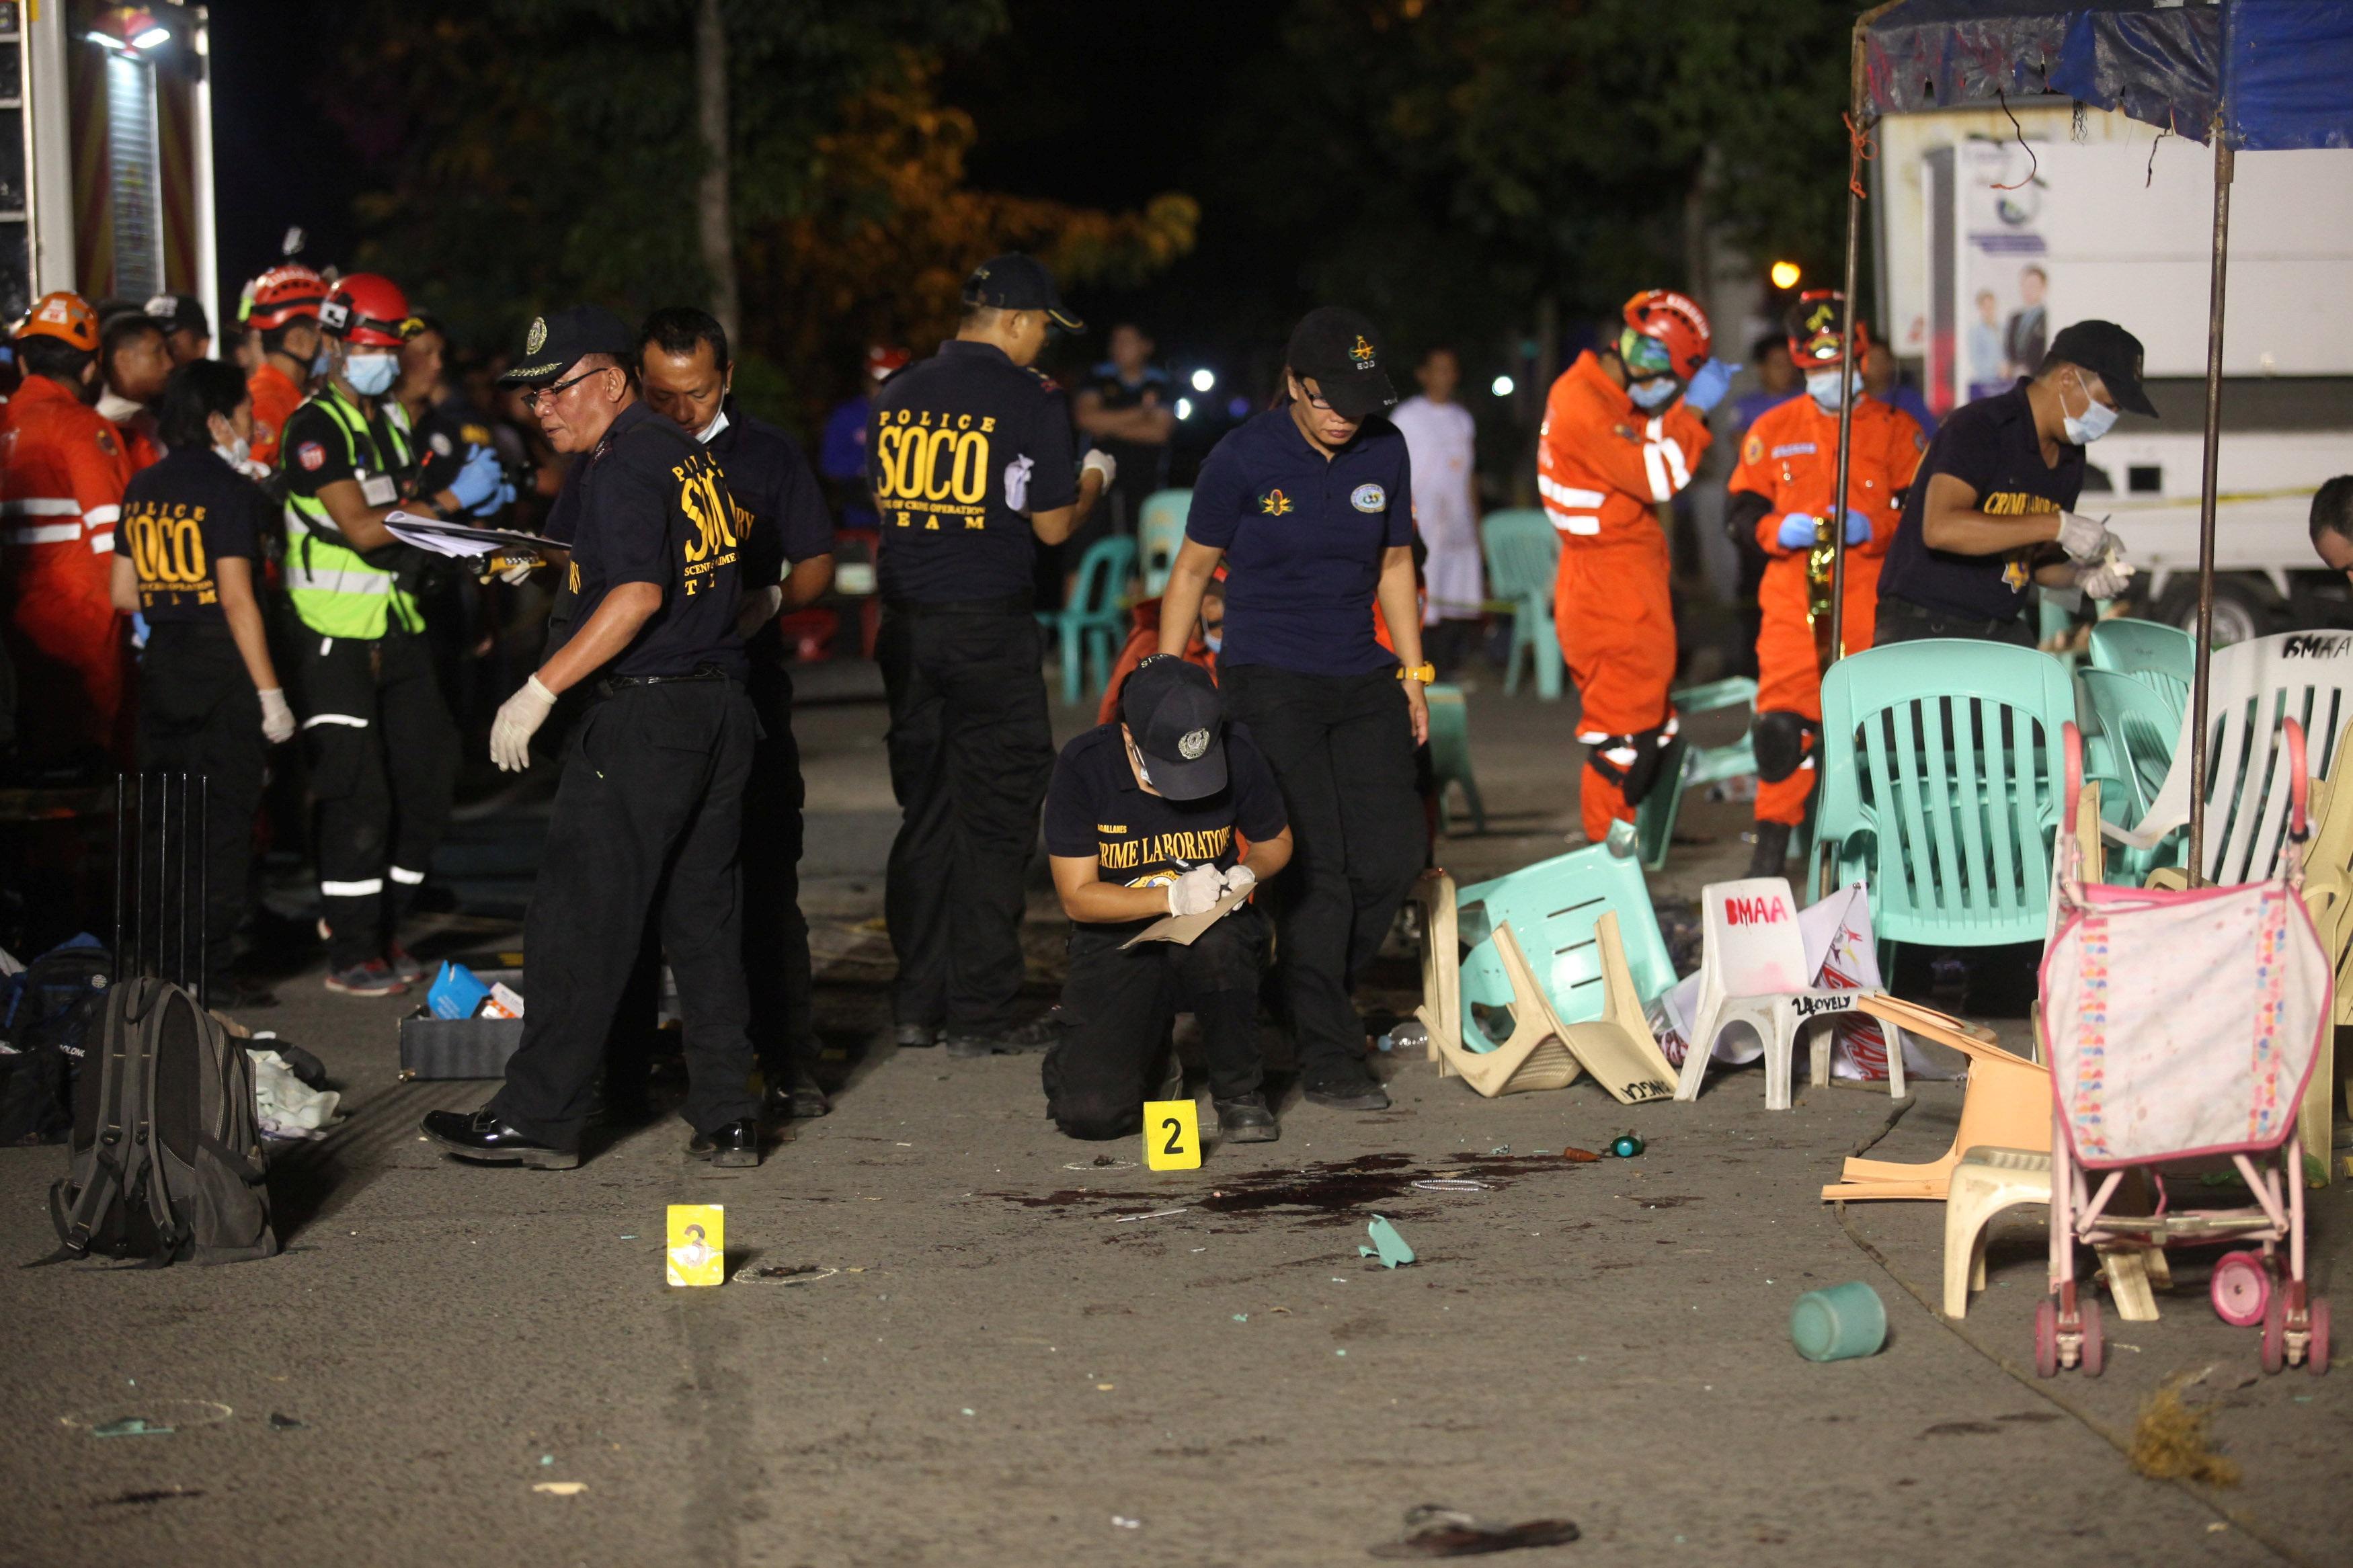 Cảnh sát khám nghiệm hiện trường để xác định nguyên nhân vụ nổ.